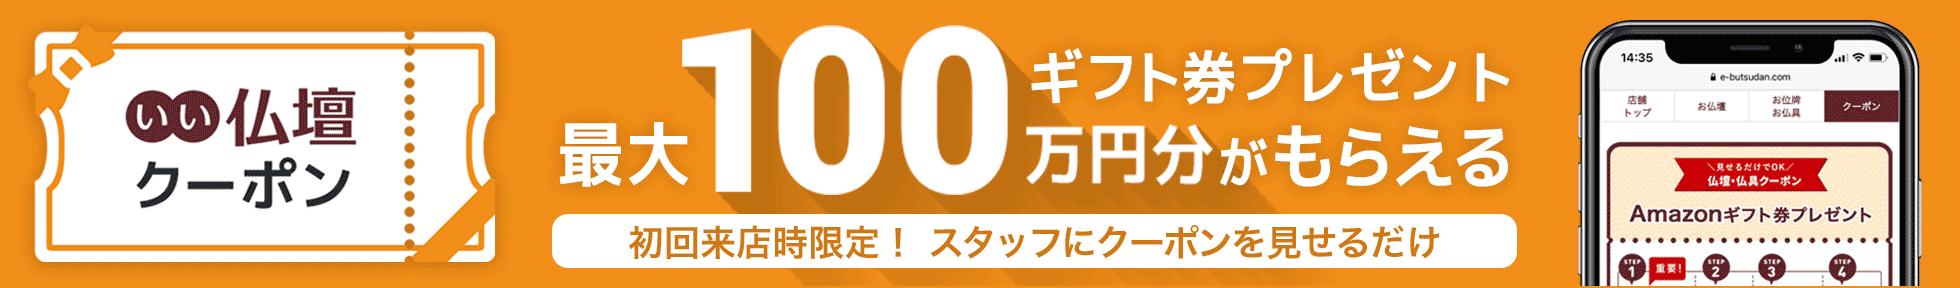 Amazonギフト券最大100万円分がもらえる「いい仏壇クーポン」